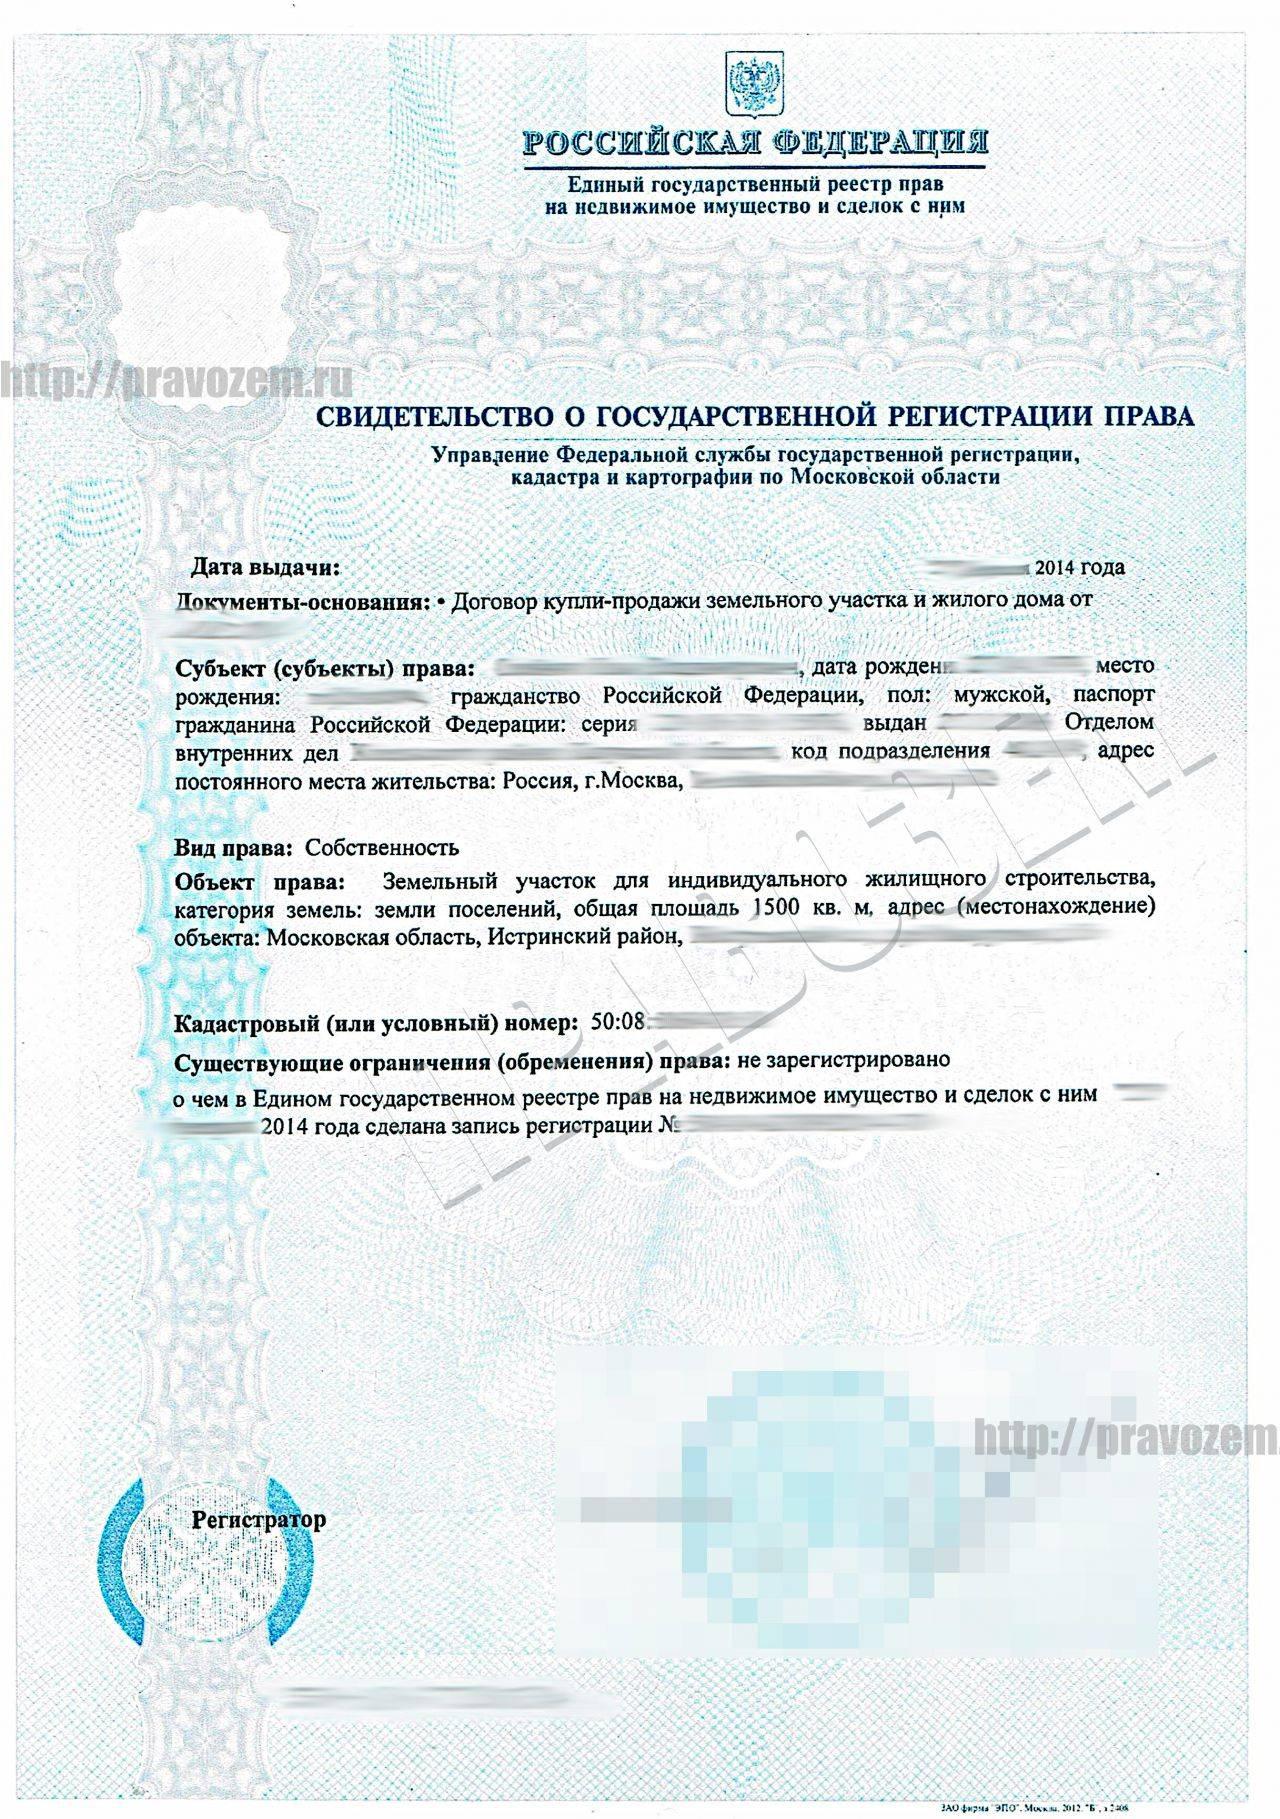 Процедура внесения изменений в кадастр: порядок и документы